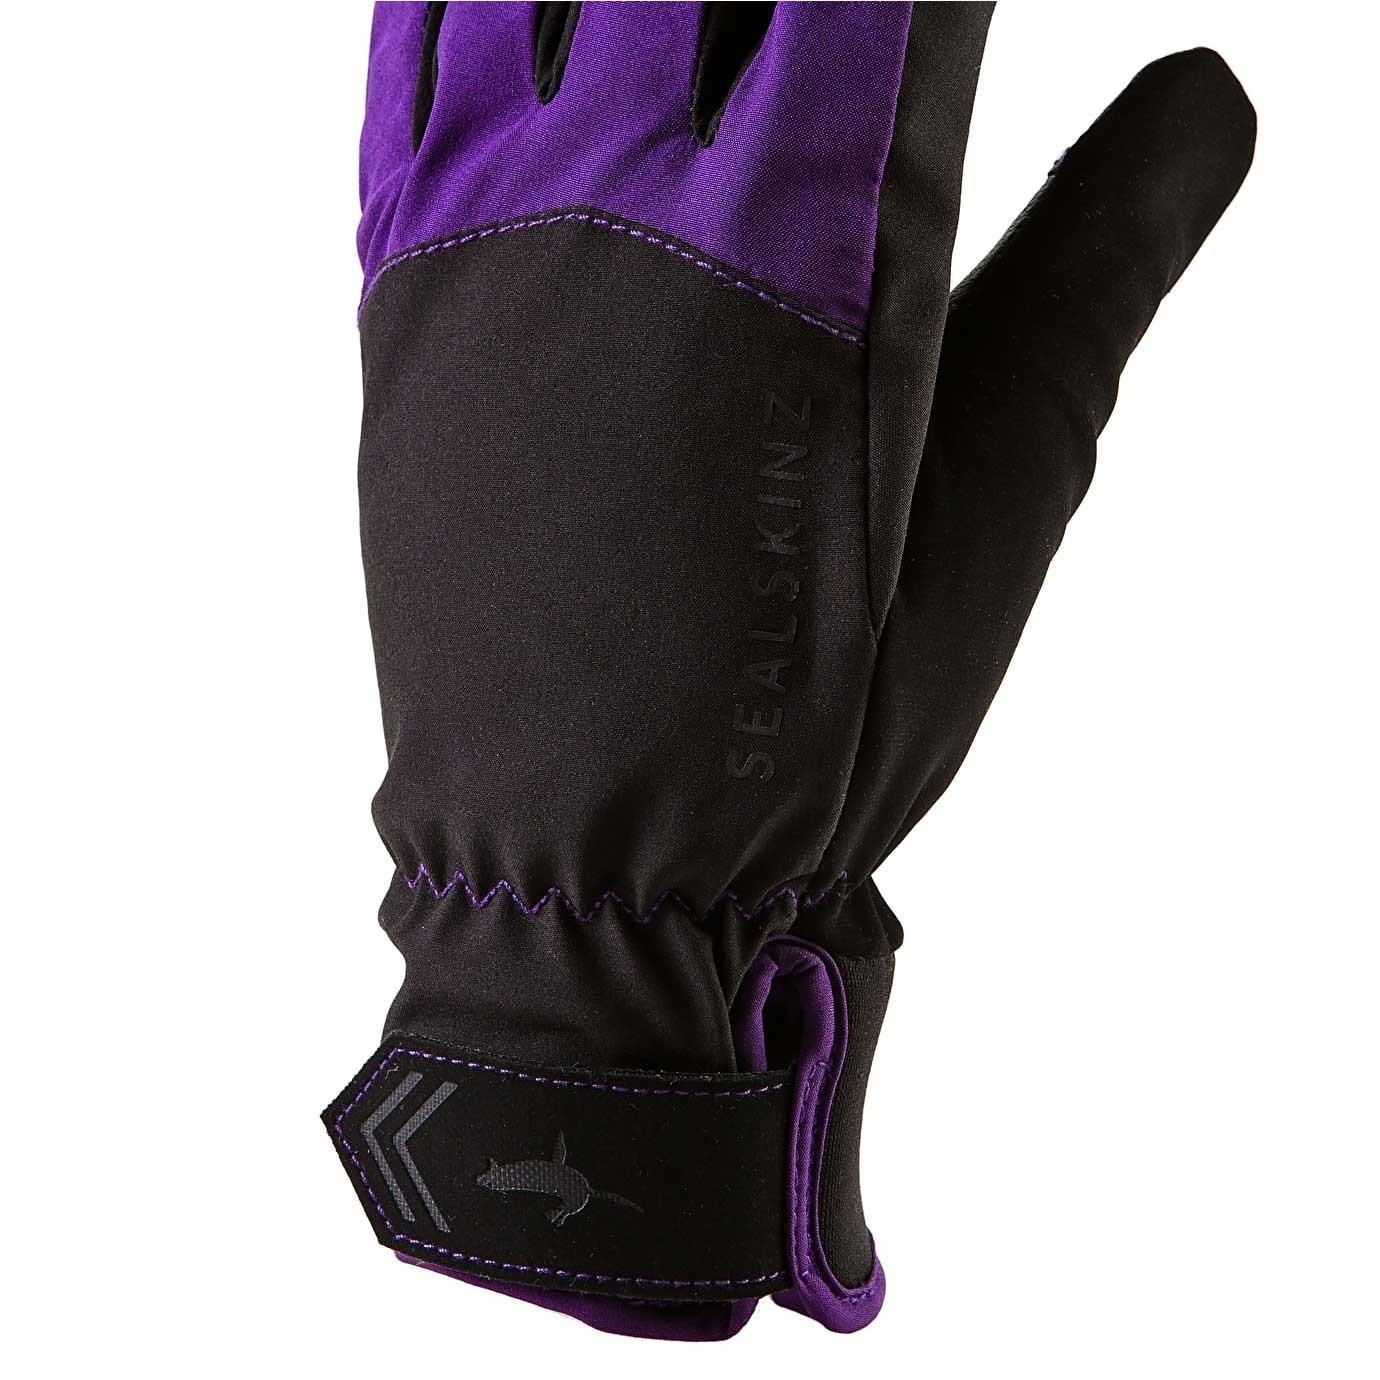 Sealskinz All Season Waterproof Women's Gloves - Black/Purple - tab